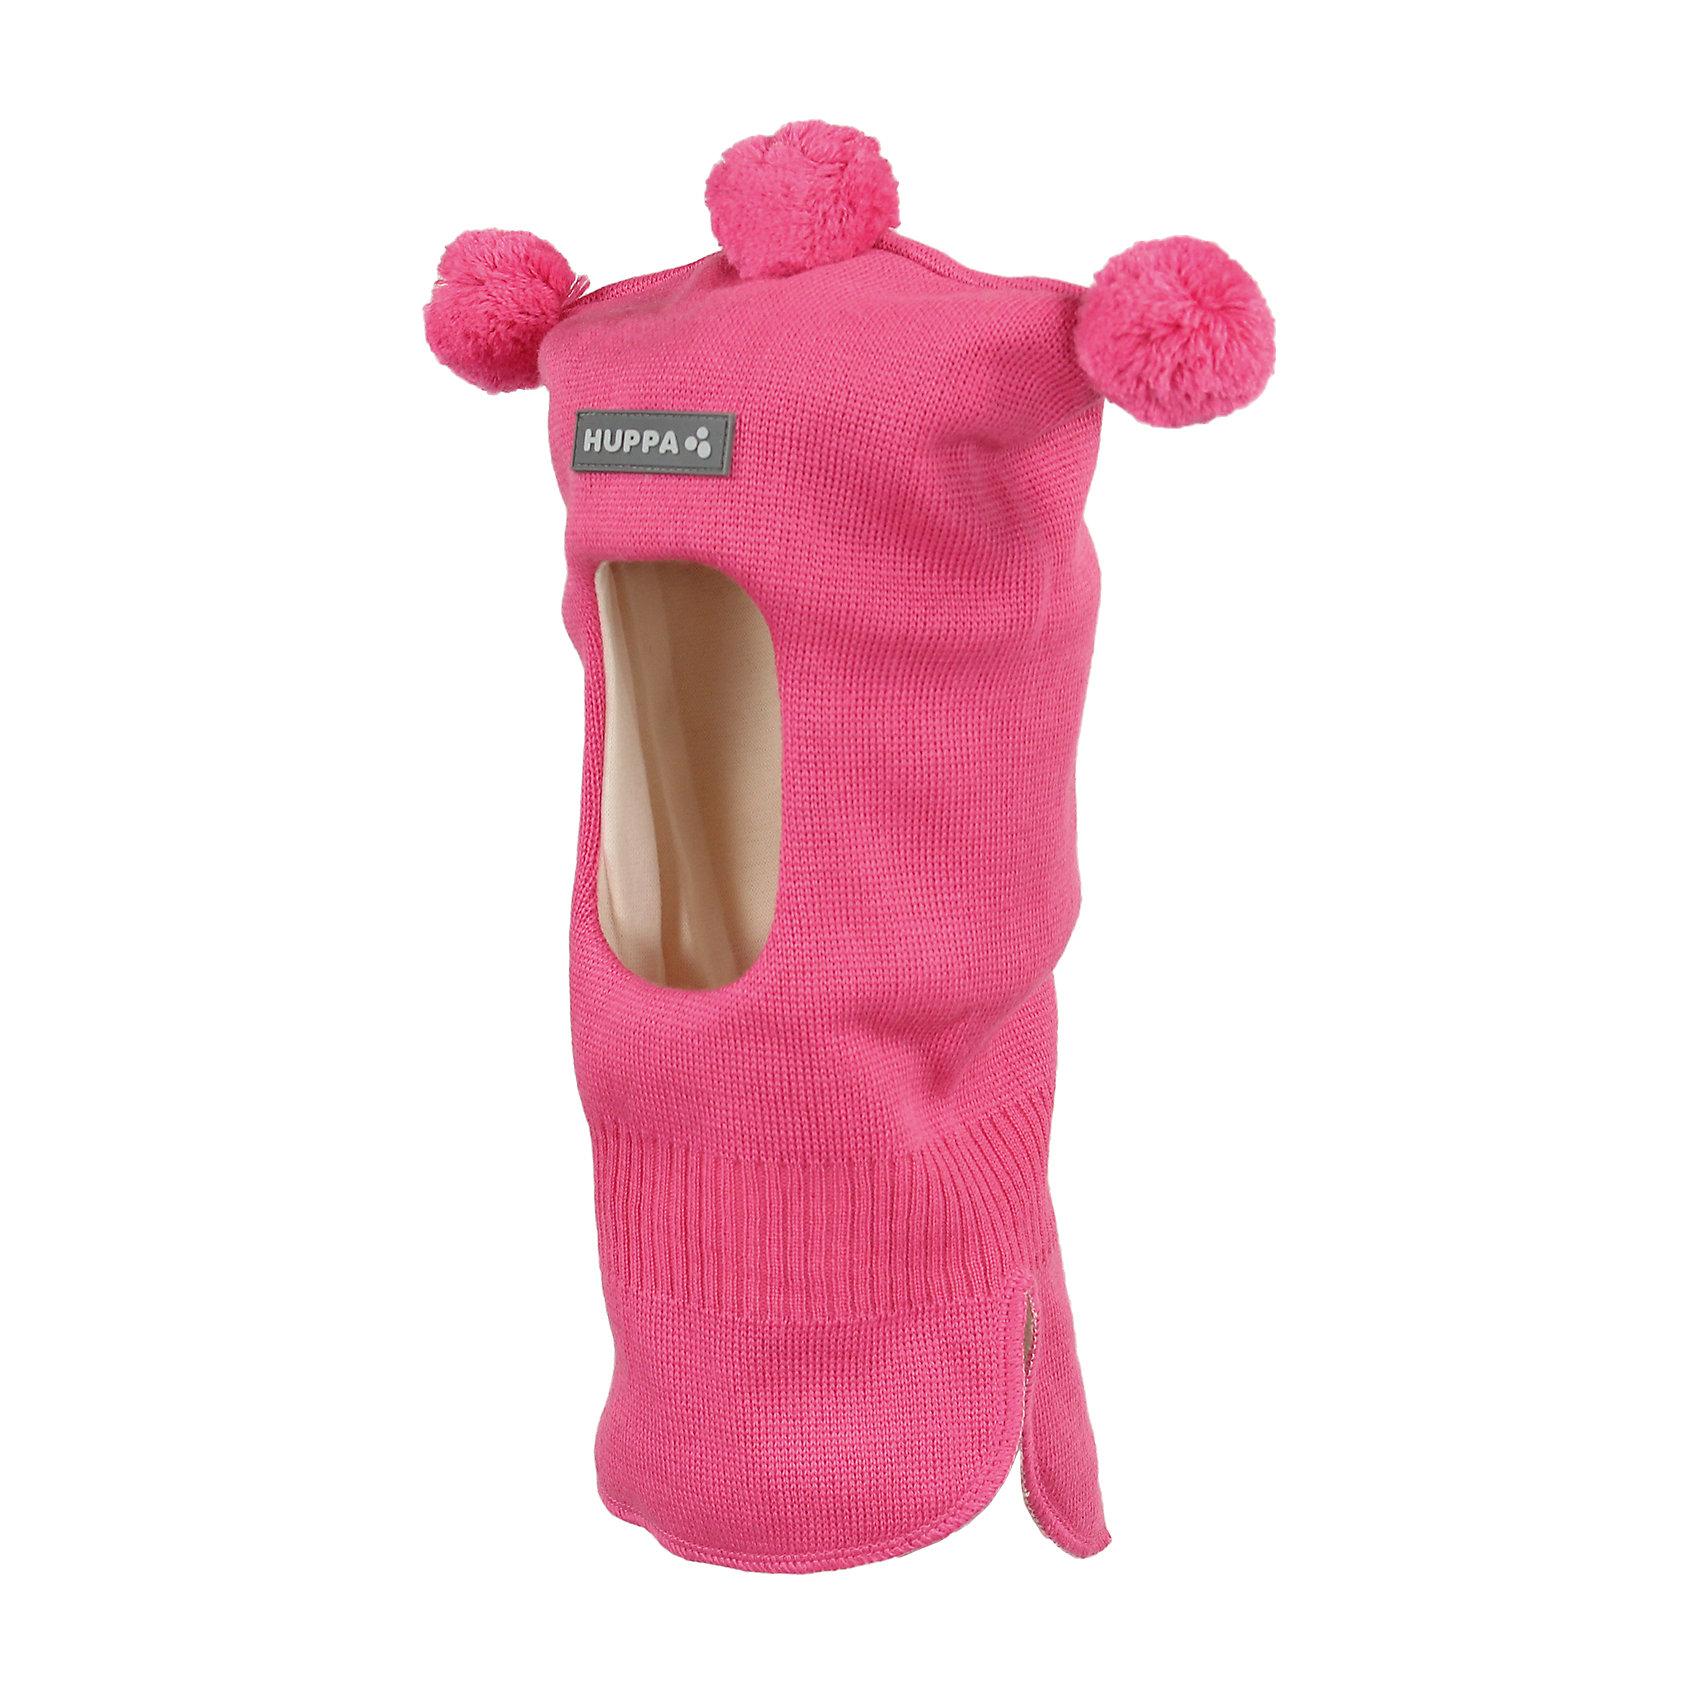 Шапка-шлем для девочки HuppaКлассическая детская шапка-шлем с тремя помпонами. У шапки подкладка из хлопкового трикотажа, наружная часть из смеси 50% мериносовой шерсти и 50% акриловой пряжи. Шапка-шлем идеальна для ношения в зимние холода, потому что защищает шею и уши ребенка от холодного ветра. Особенно удобно ее надевать ребенку самому, потому что вместо двух аксессуаров нужно надеть только один. <br><br>Шапку-шлем для девочки Huppa (Хуппа) можно купить в нашем магазине.<br><br>Ширина мм: 89<br>Глубина мм: 117<br>Высота мм: 44<br>Вес г: 155<br>Цвет: розовый<br>Возраст от месяцев: 9<br>Возраст до месяцев: 12<br>Пол: Женский<br>Возраст: Детский<br>Размер: 43-45,55-57,47-49,51-53<br>SKU: 4243003